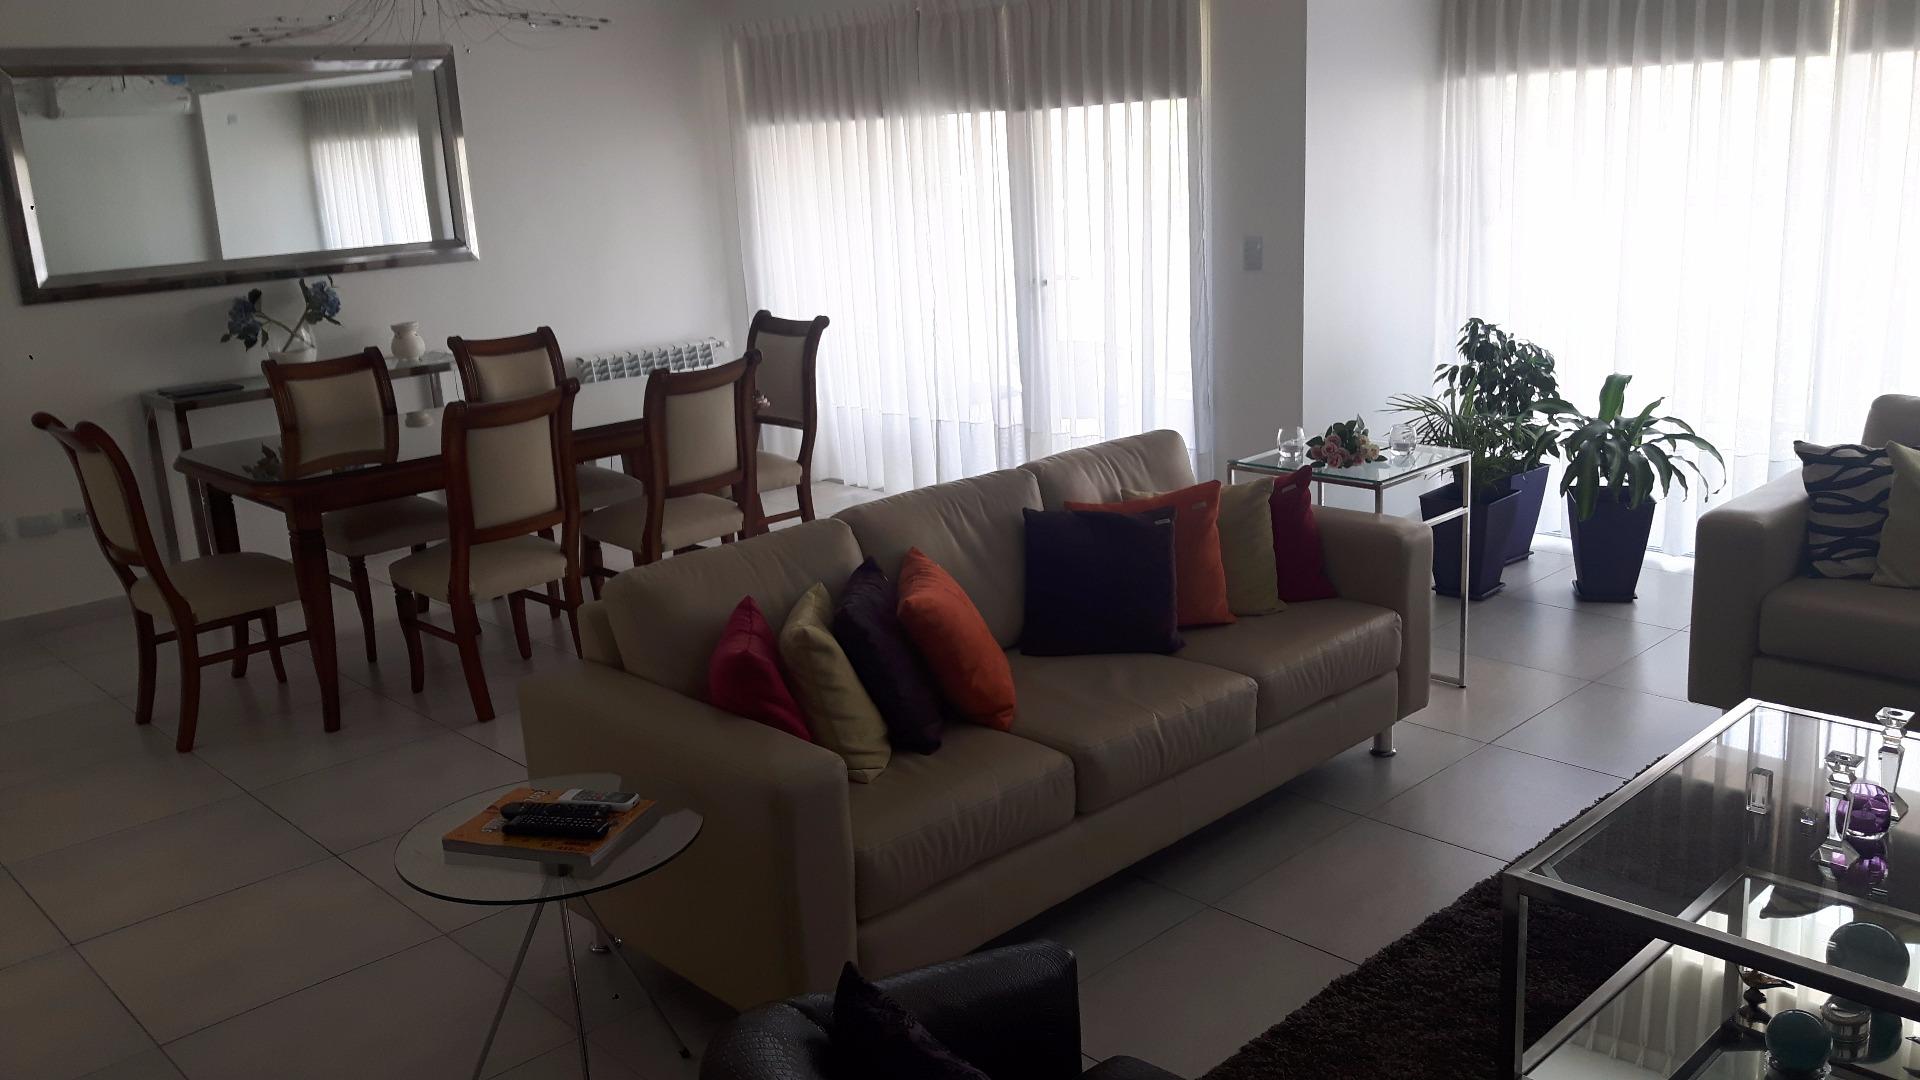 Venta De Departamento En Bah A Blanca Bah A Blanca Goplaceit # Muebles Bahia Blanca Calle Sarmiento